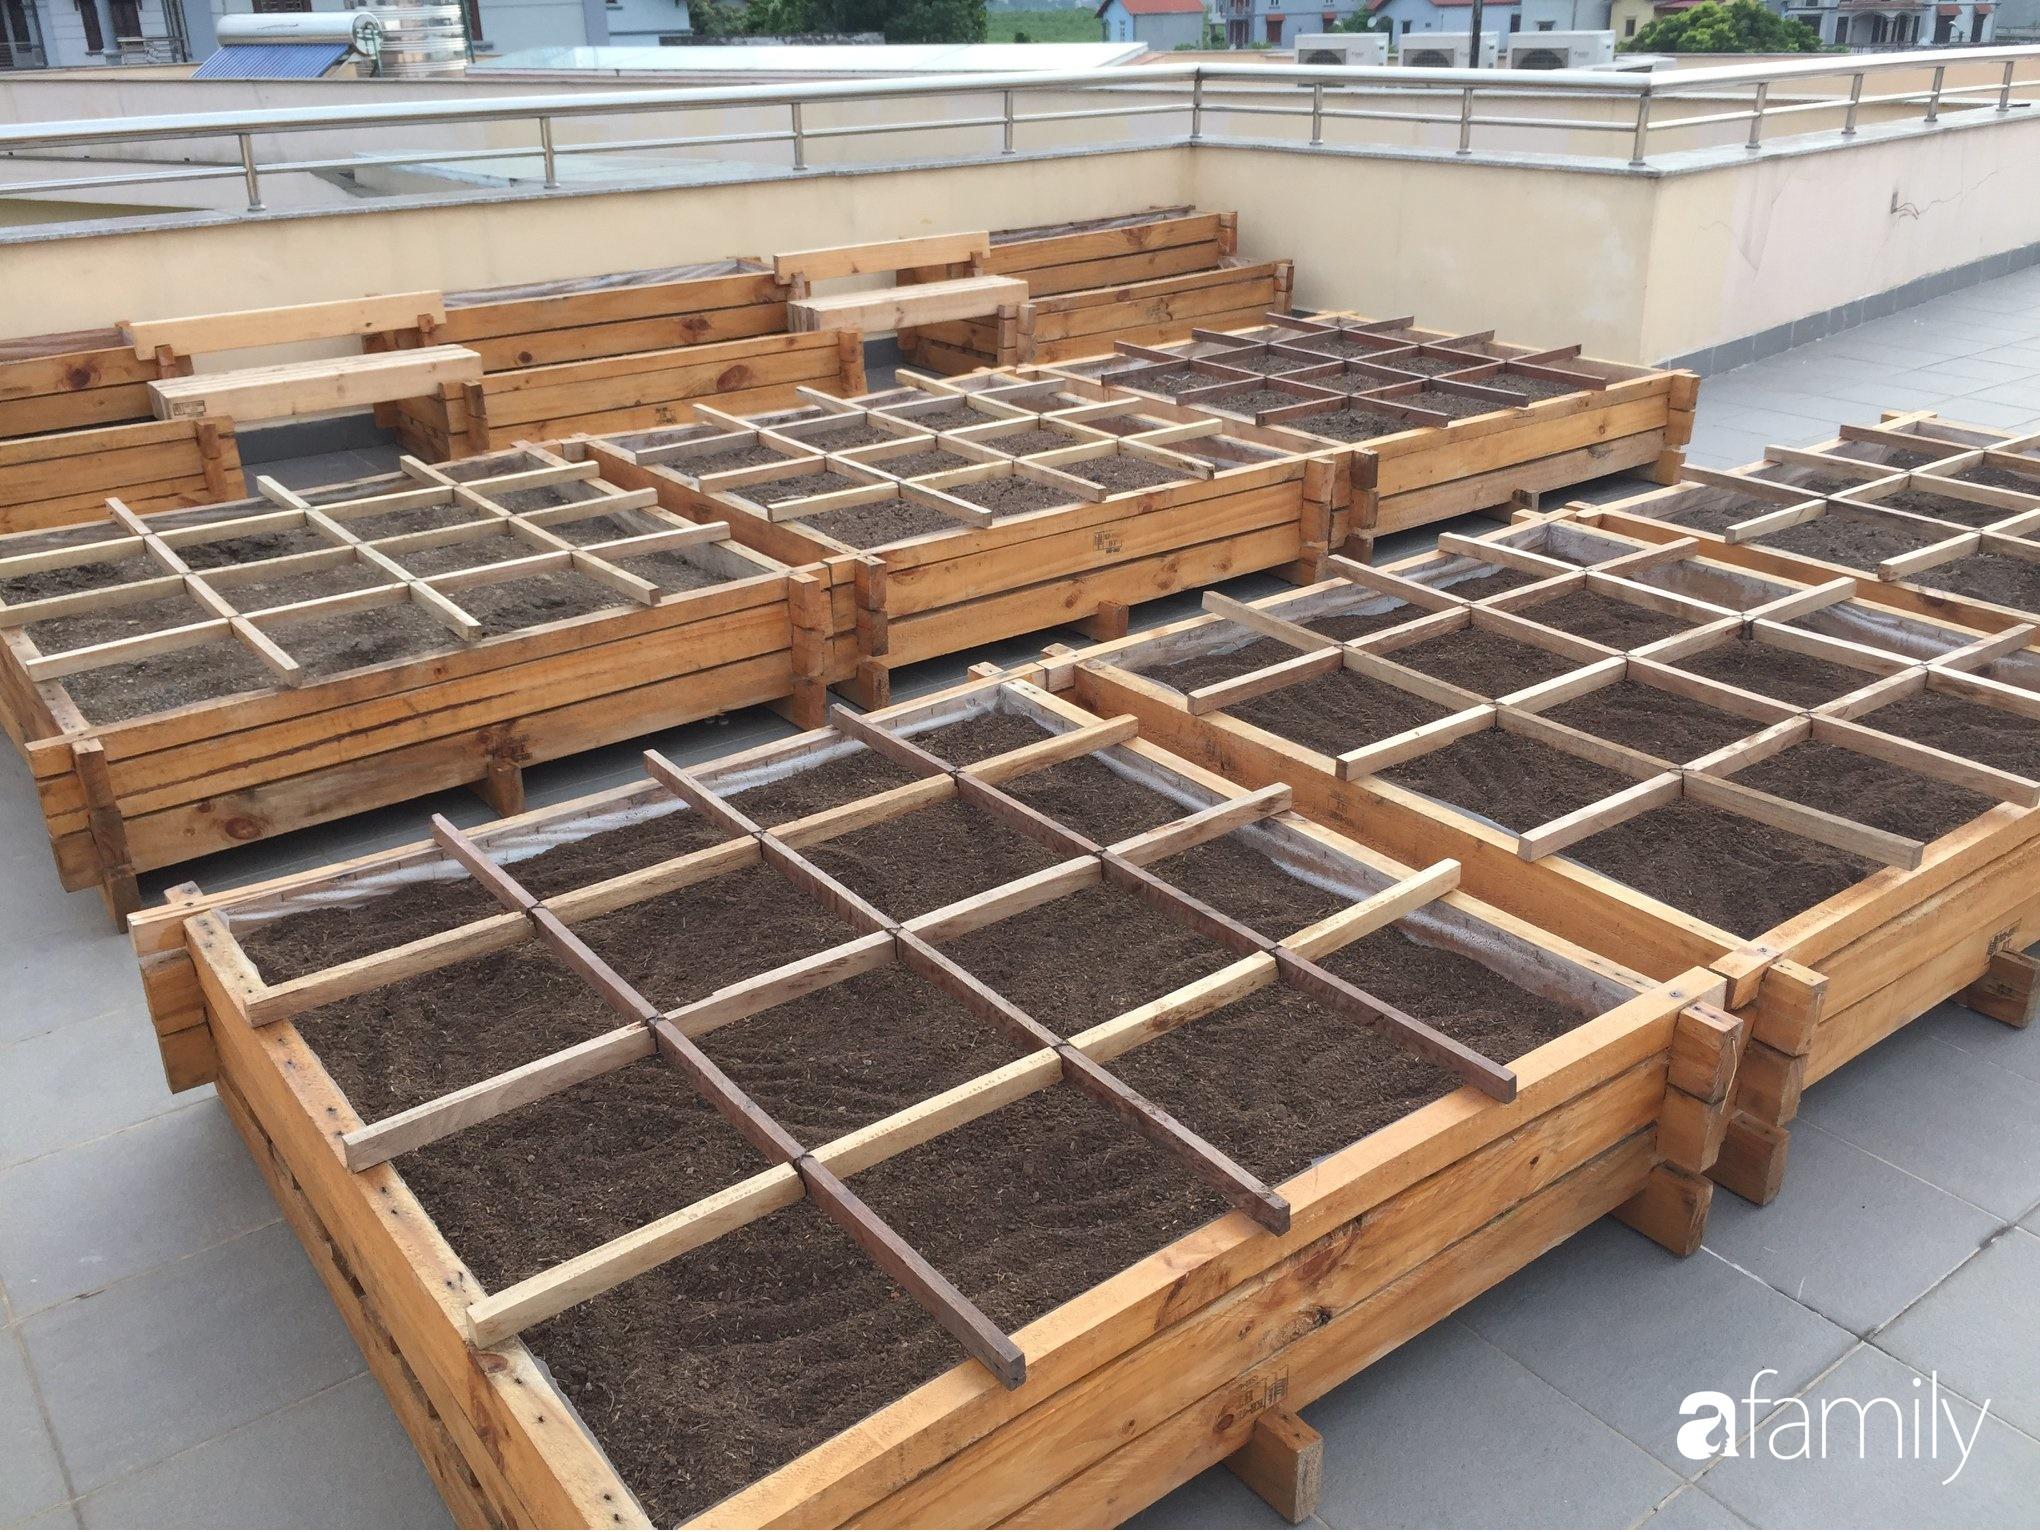 Học hỏi kinh nghiệm làm đất trồng rau từ chuyên gia tại Hà Nội, đảm bảo chị em nhà phố thoải mái rau sạch cho cả gia đình - Ảnh 4.